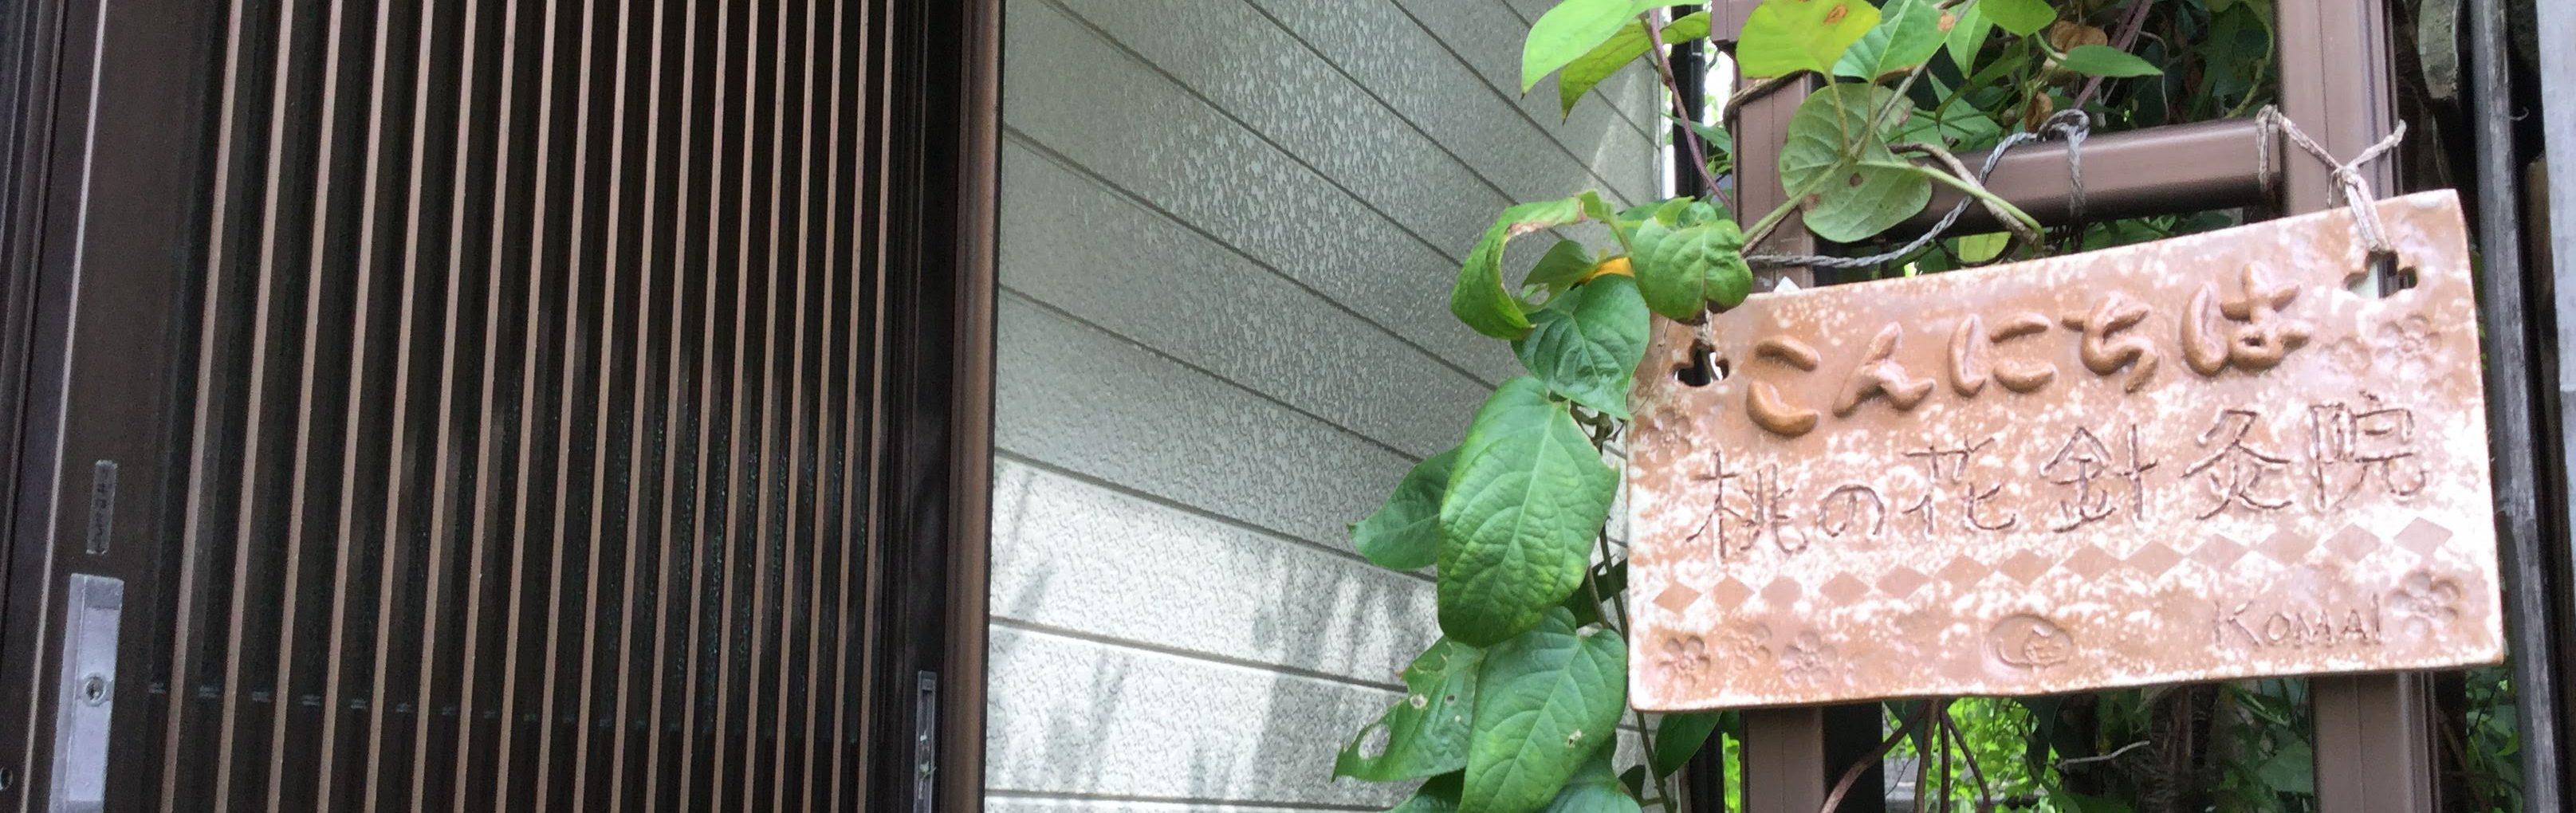 桃の花針灸院~兵庫県・阪神間・西宮・芦屋・夙川のレーザー併用鍼灸/不妊/婦人科治療